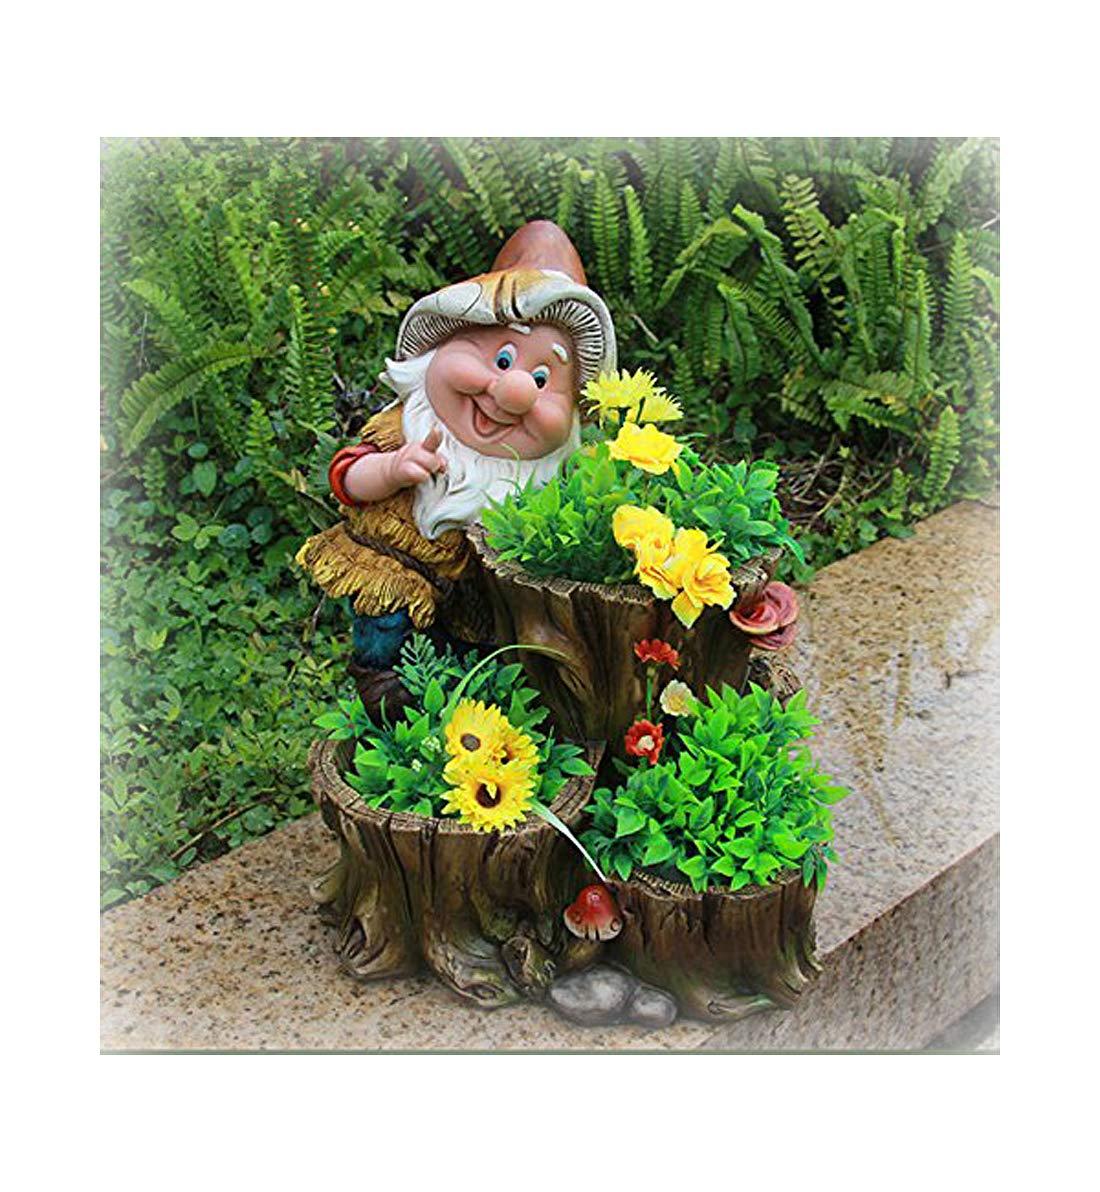 Gnomo de diseño XL con 3 macetas de 27 cm de Altura NF 15195 para decoración de jardín